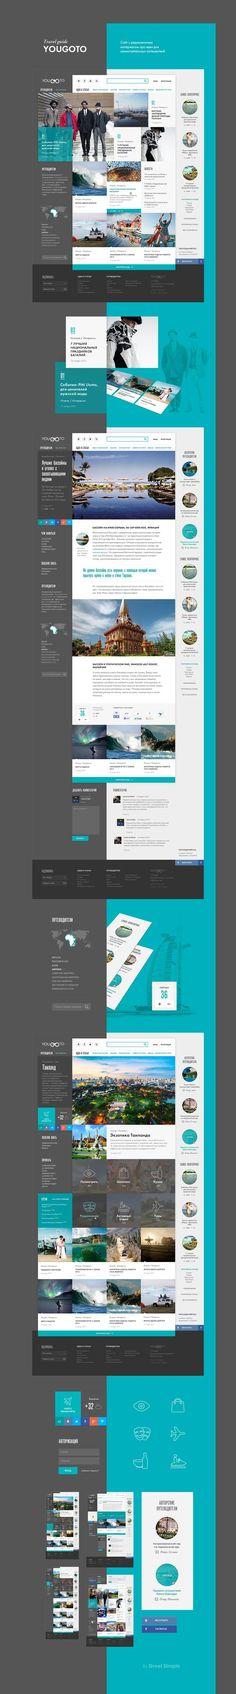 Yougoto Сайт © Lesha Knap | Web / UI